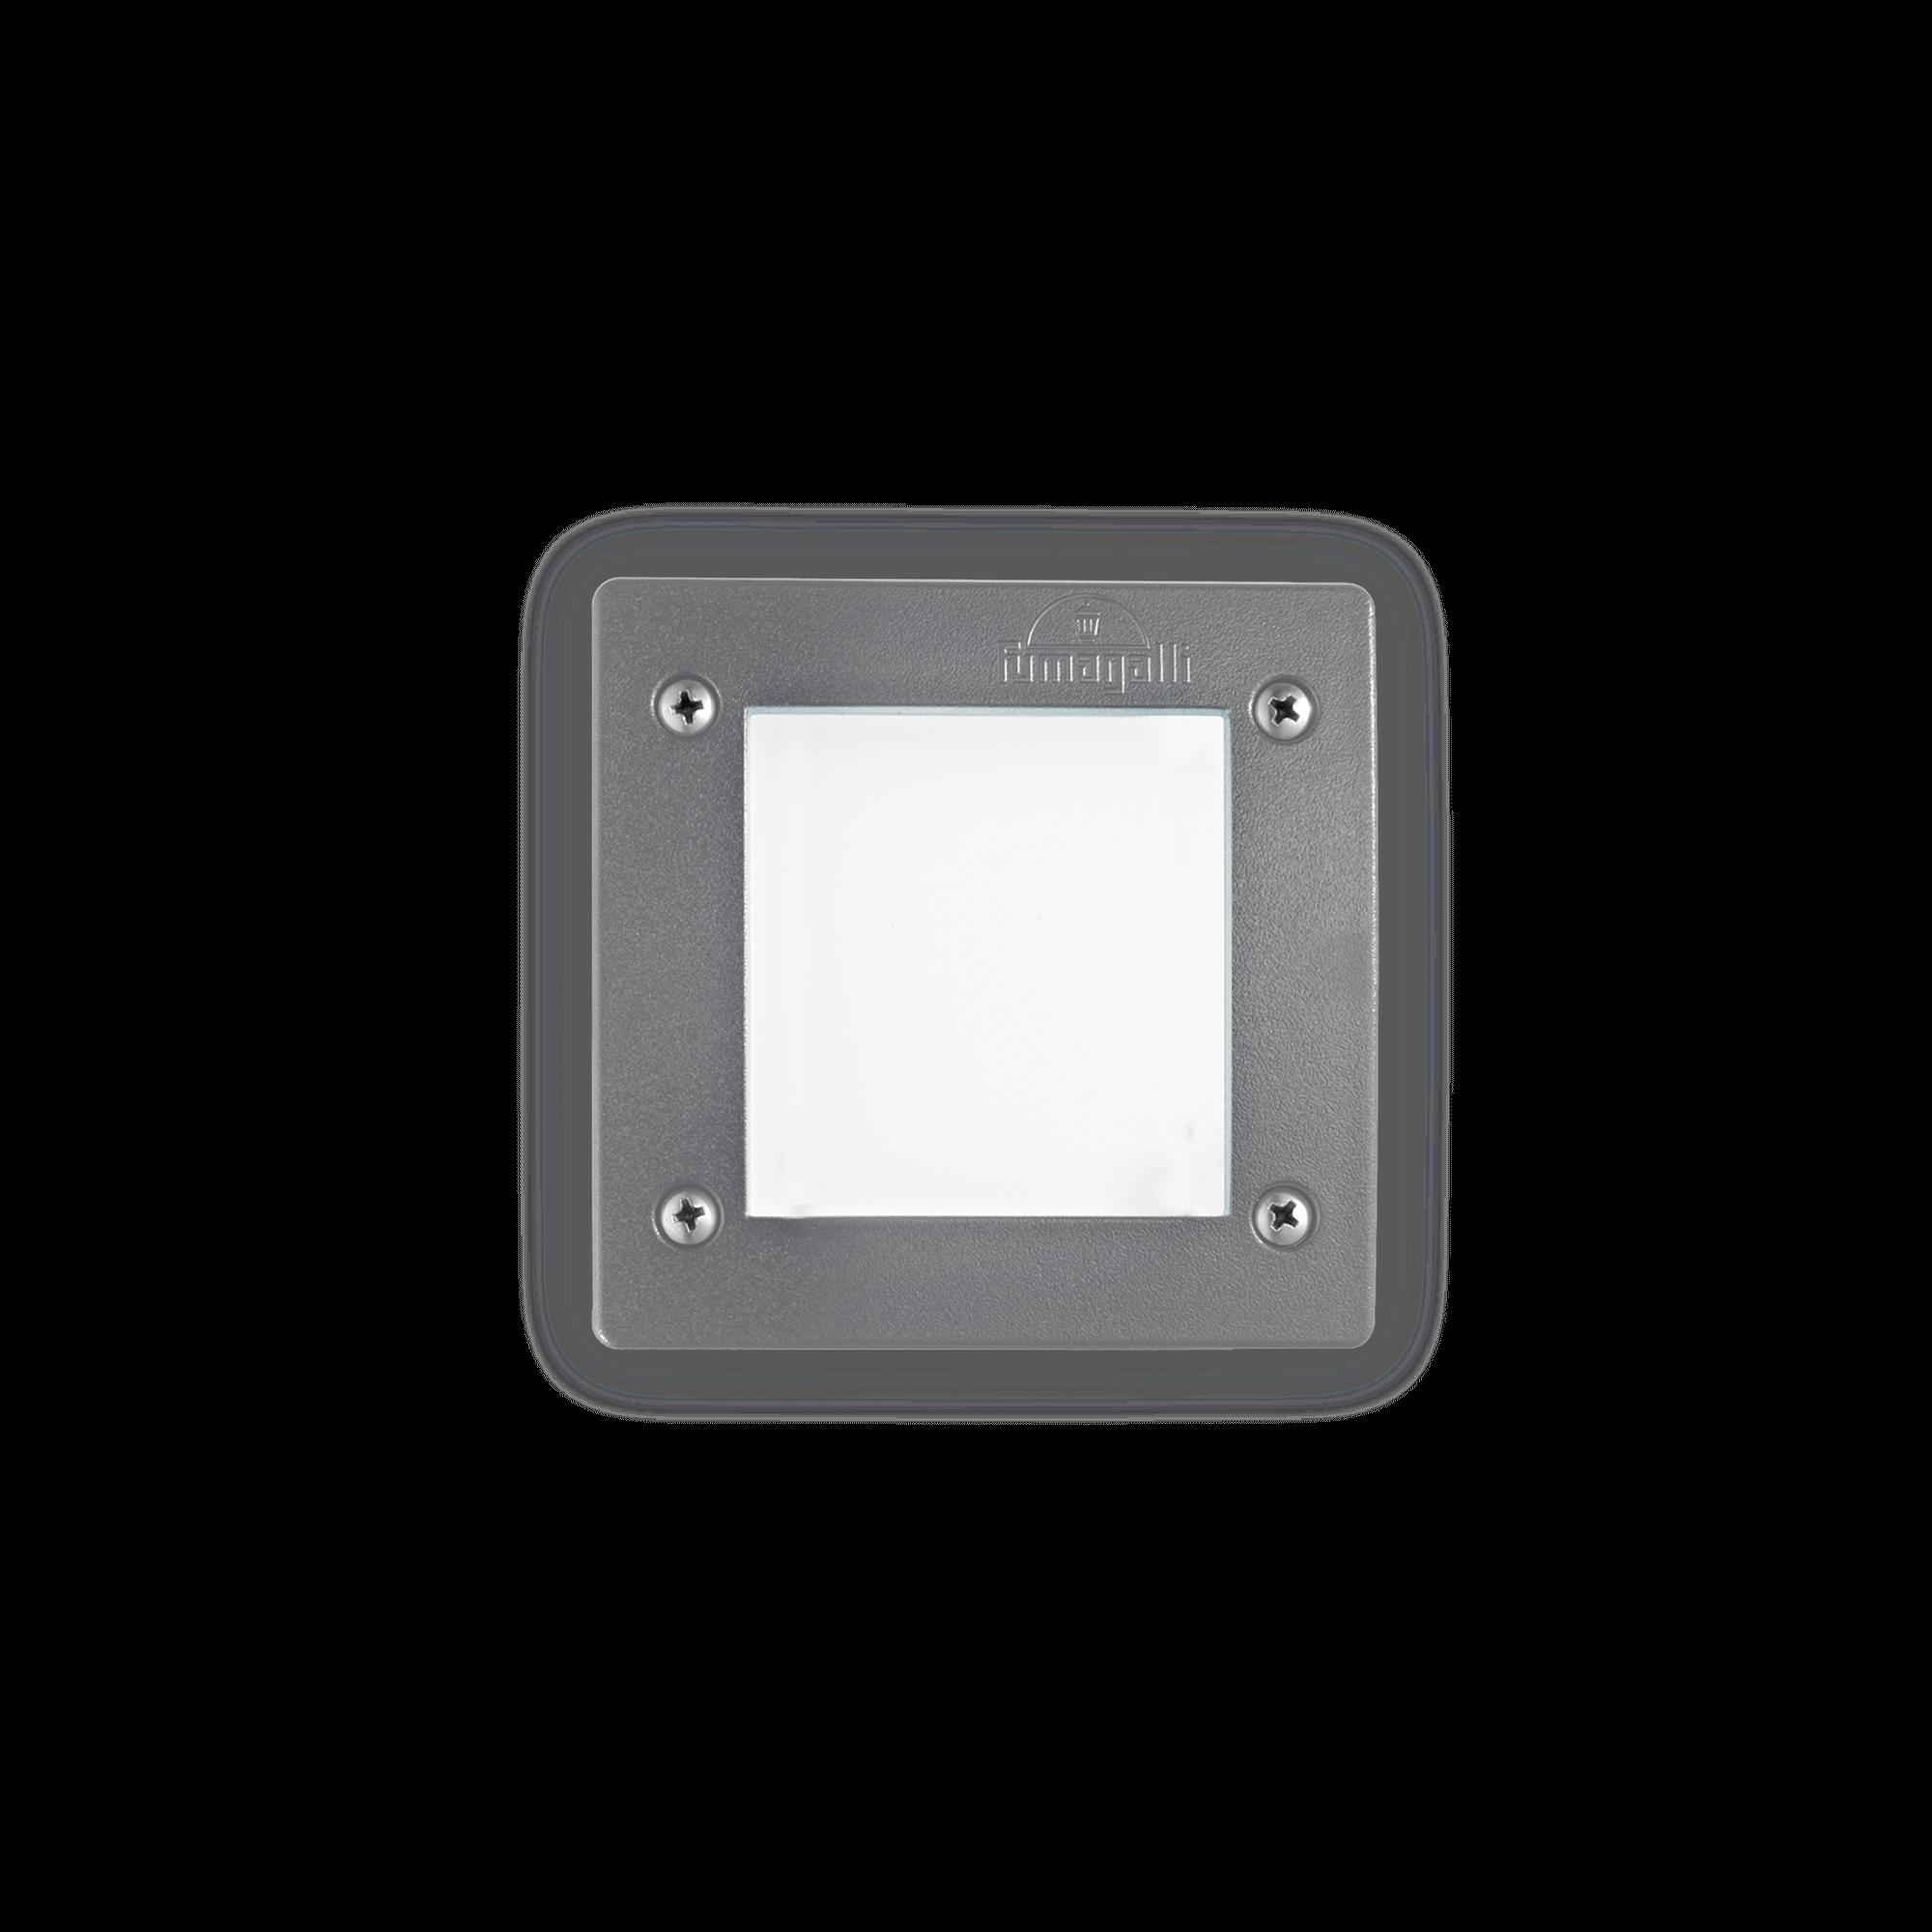 Exteriérové zápustné svítidlo Ideal lux 096599 LETI PT1 SQUARE GRIGIO 1xGX53 23W 4000K IP66